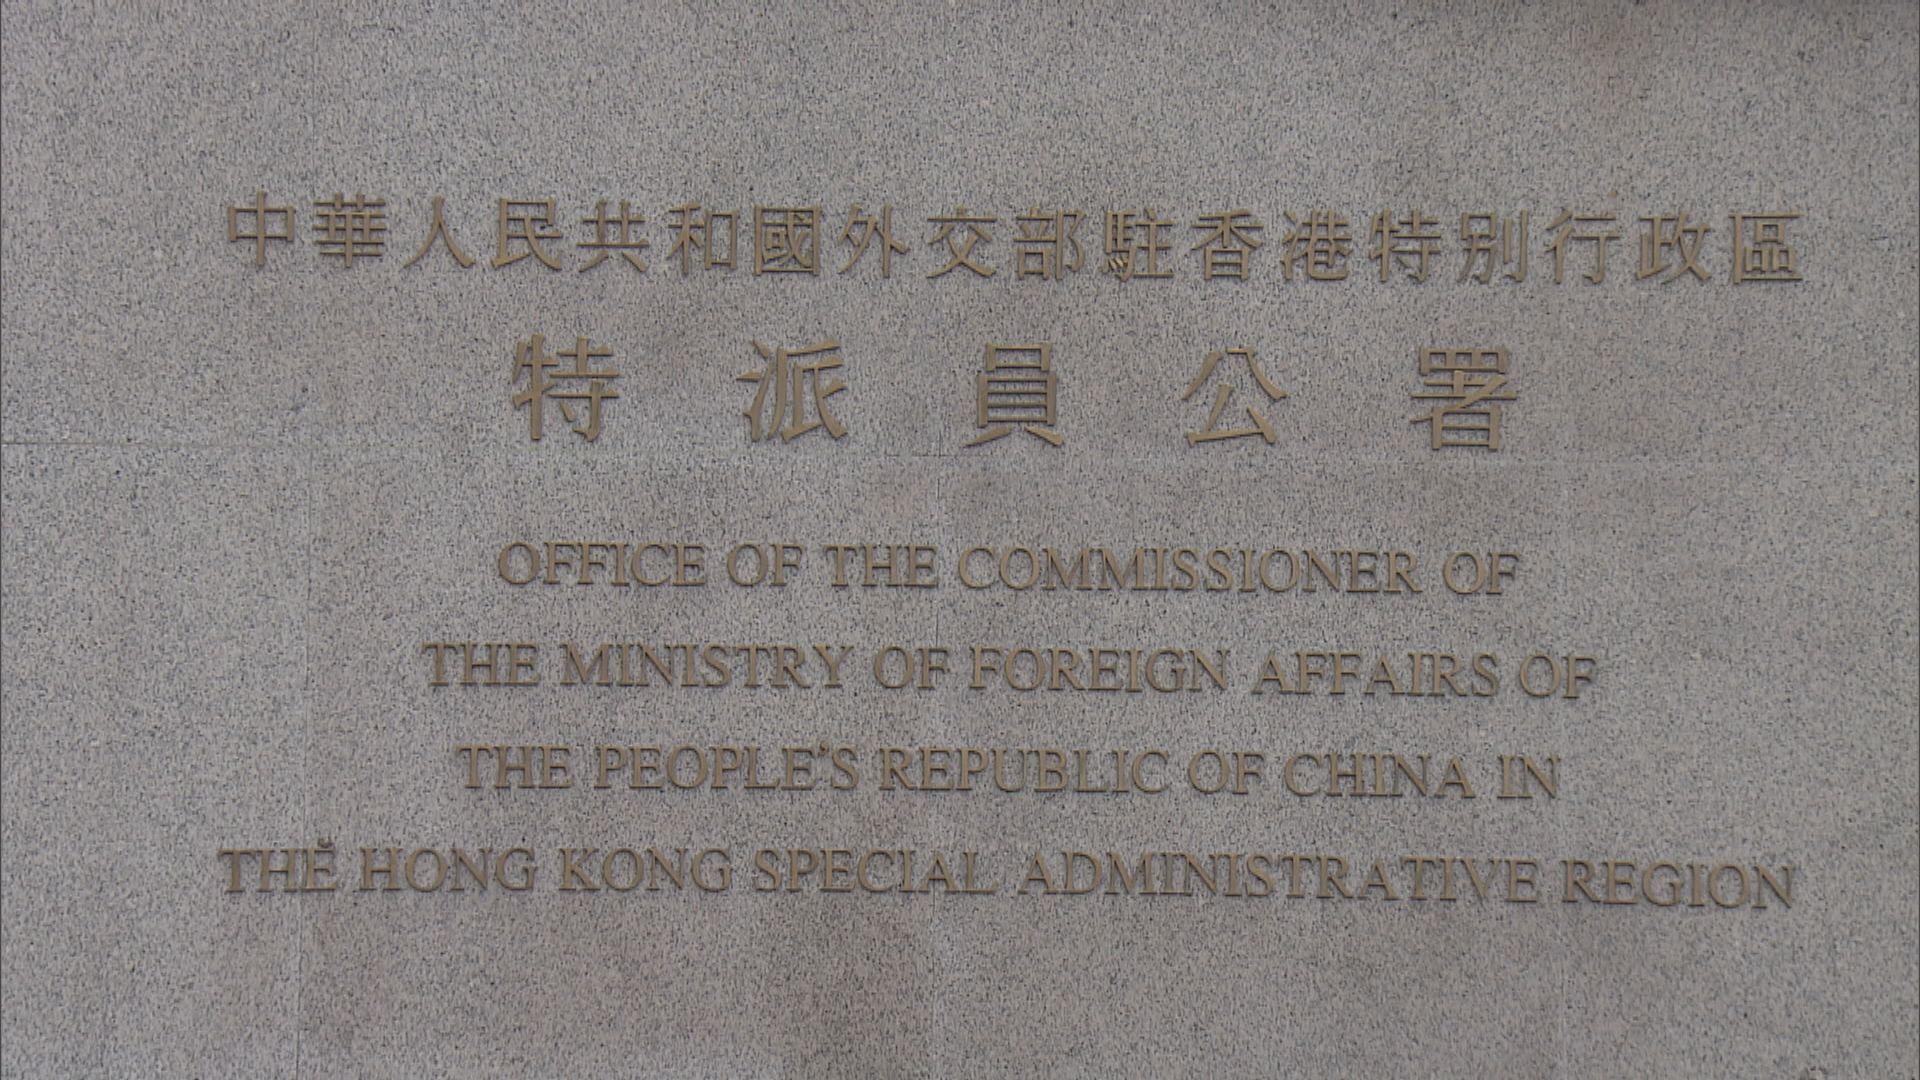 外交部駐港公署正告美方 反中亂港圖謀注定失敗